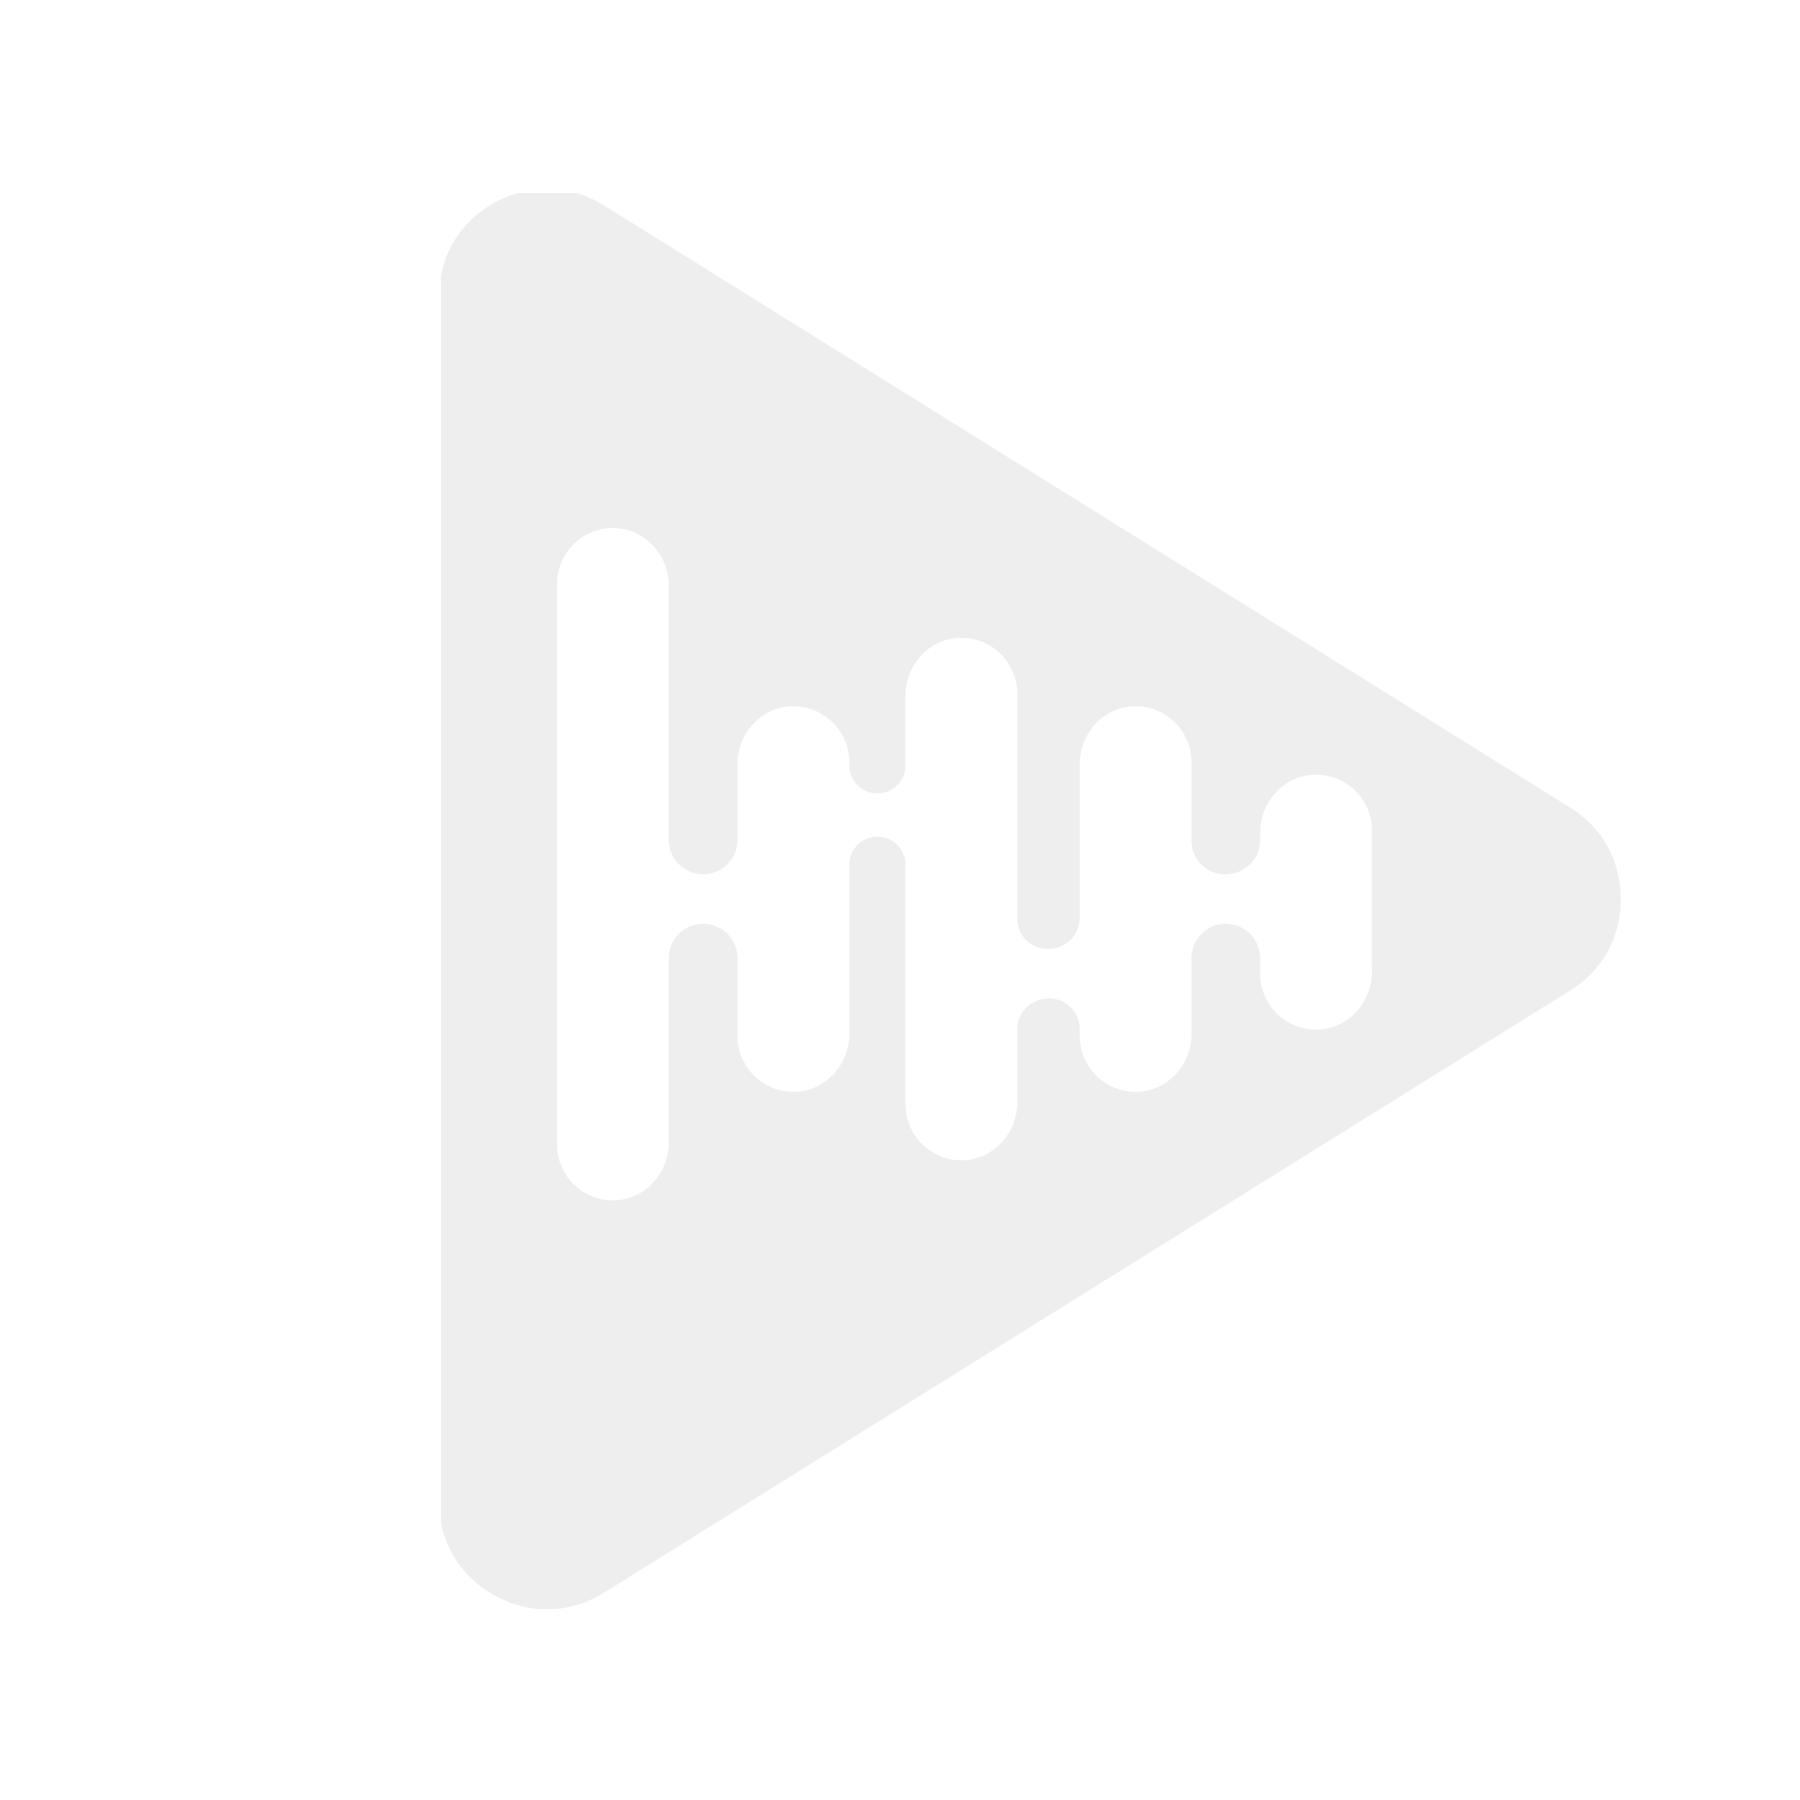 Skoddejuice Coffee Espresso Aroma